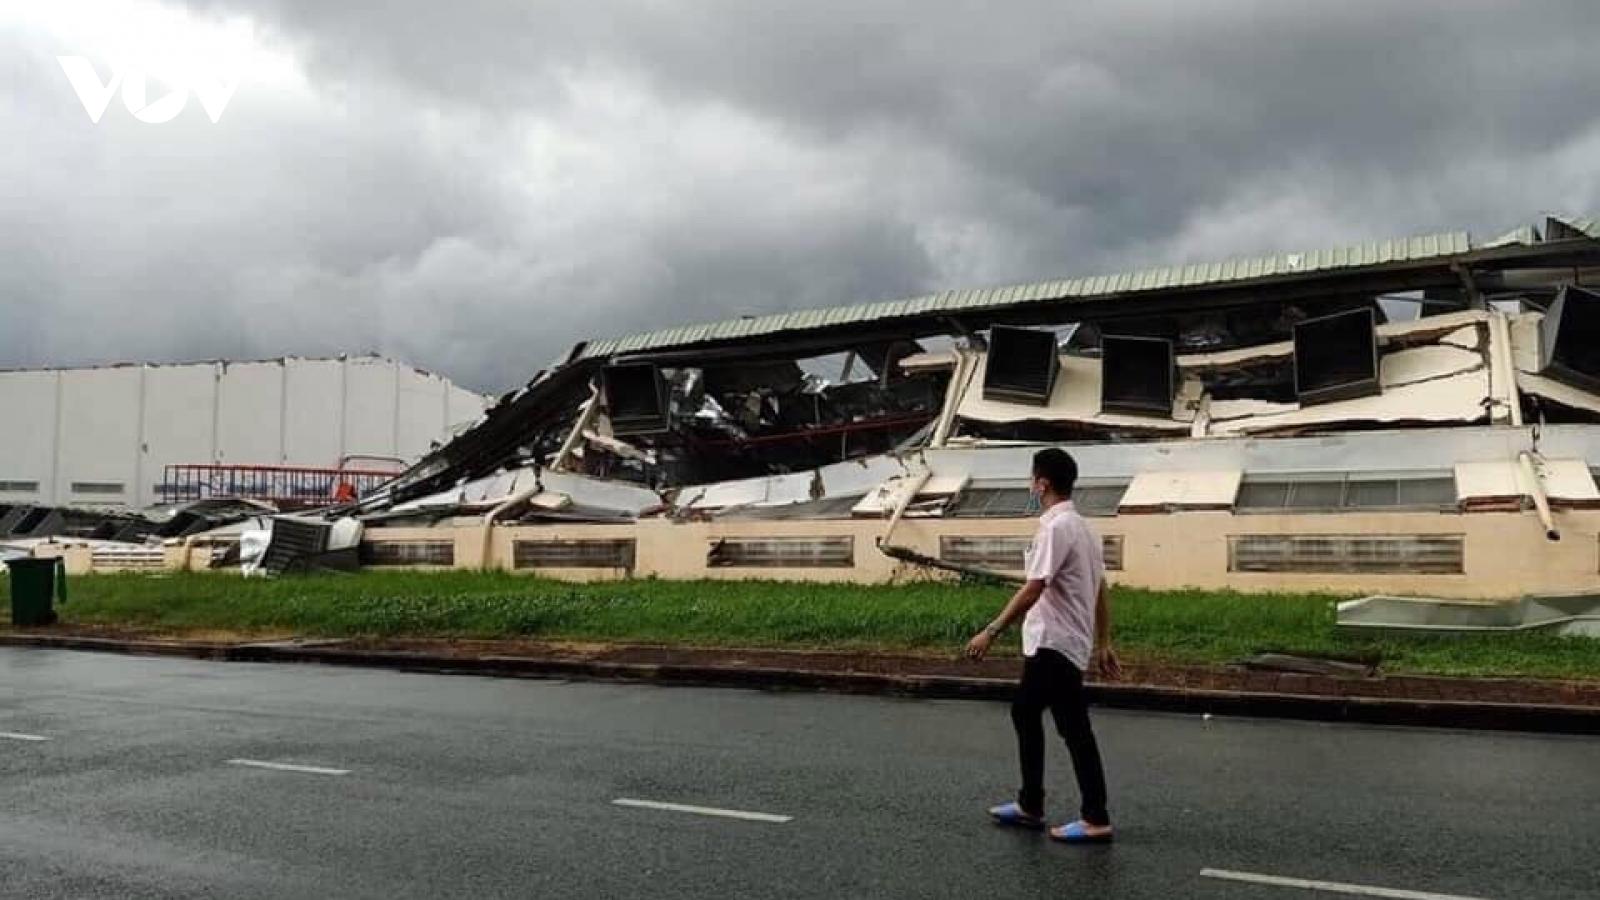 Gió lốc gây thiệt hại hàng nghìn mét vuông nhà xưởng tại Tiền Giang